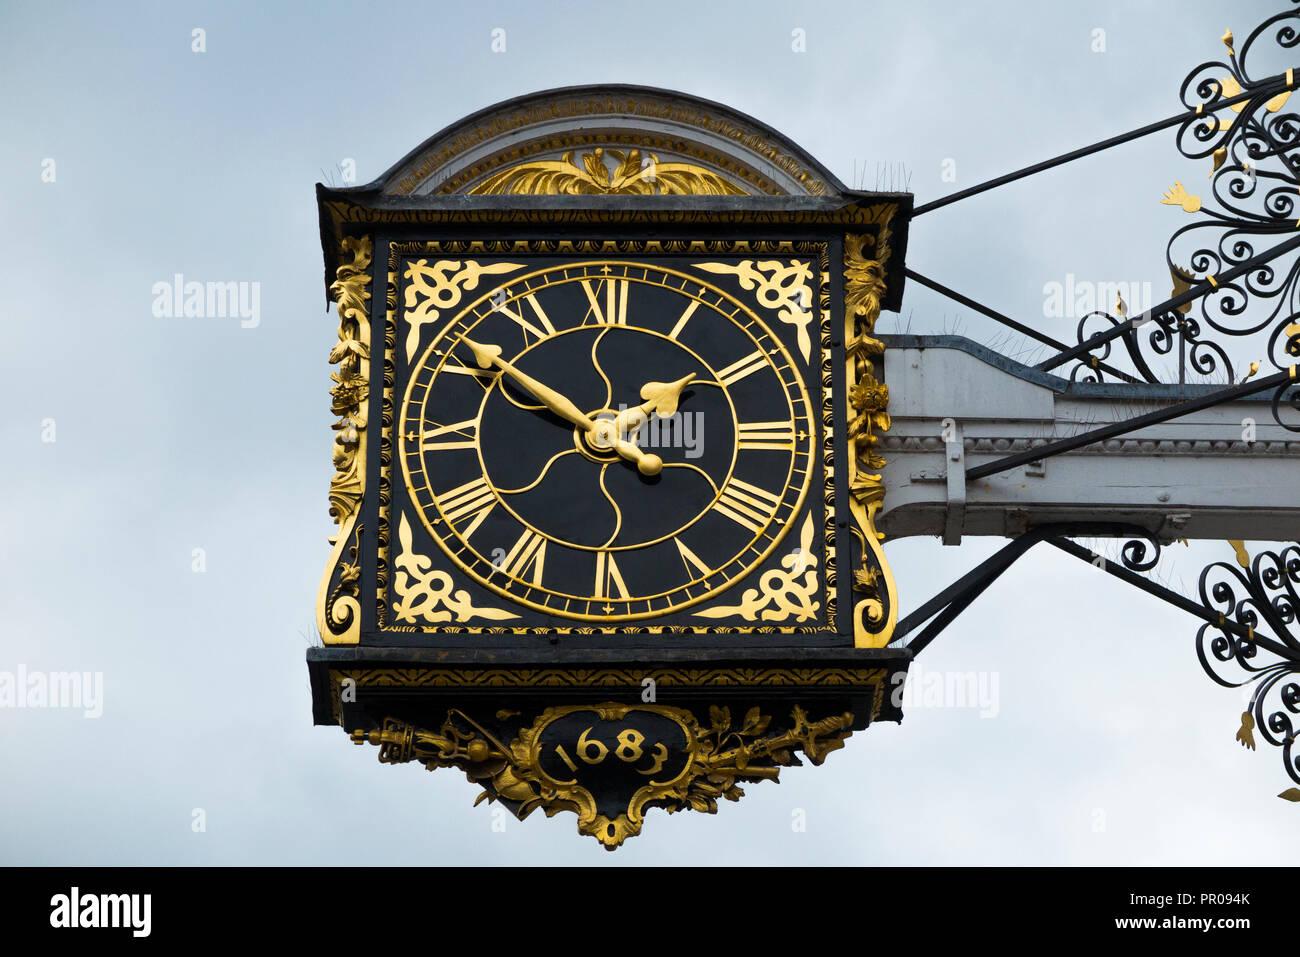 Guildford storici della città di 1683 orologio sul frontale della Guildhall. High Street, Guildford. Regno Unito. (102) Immagini Stock